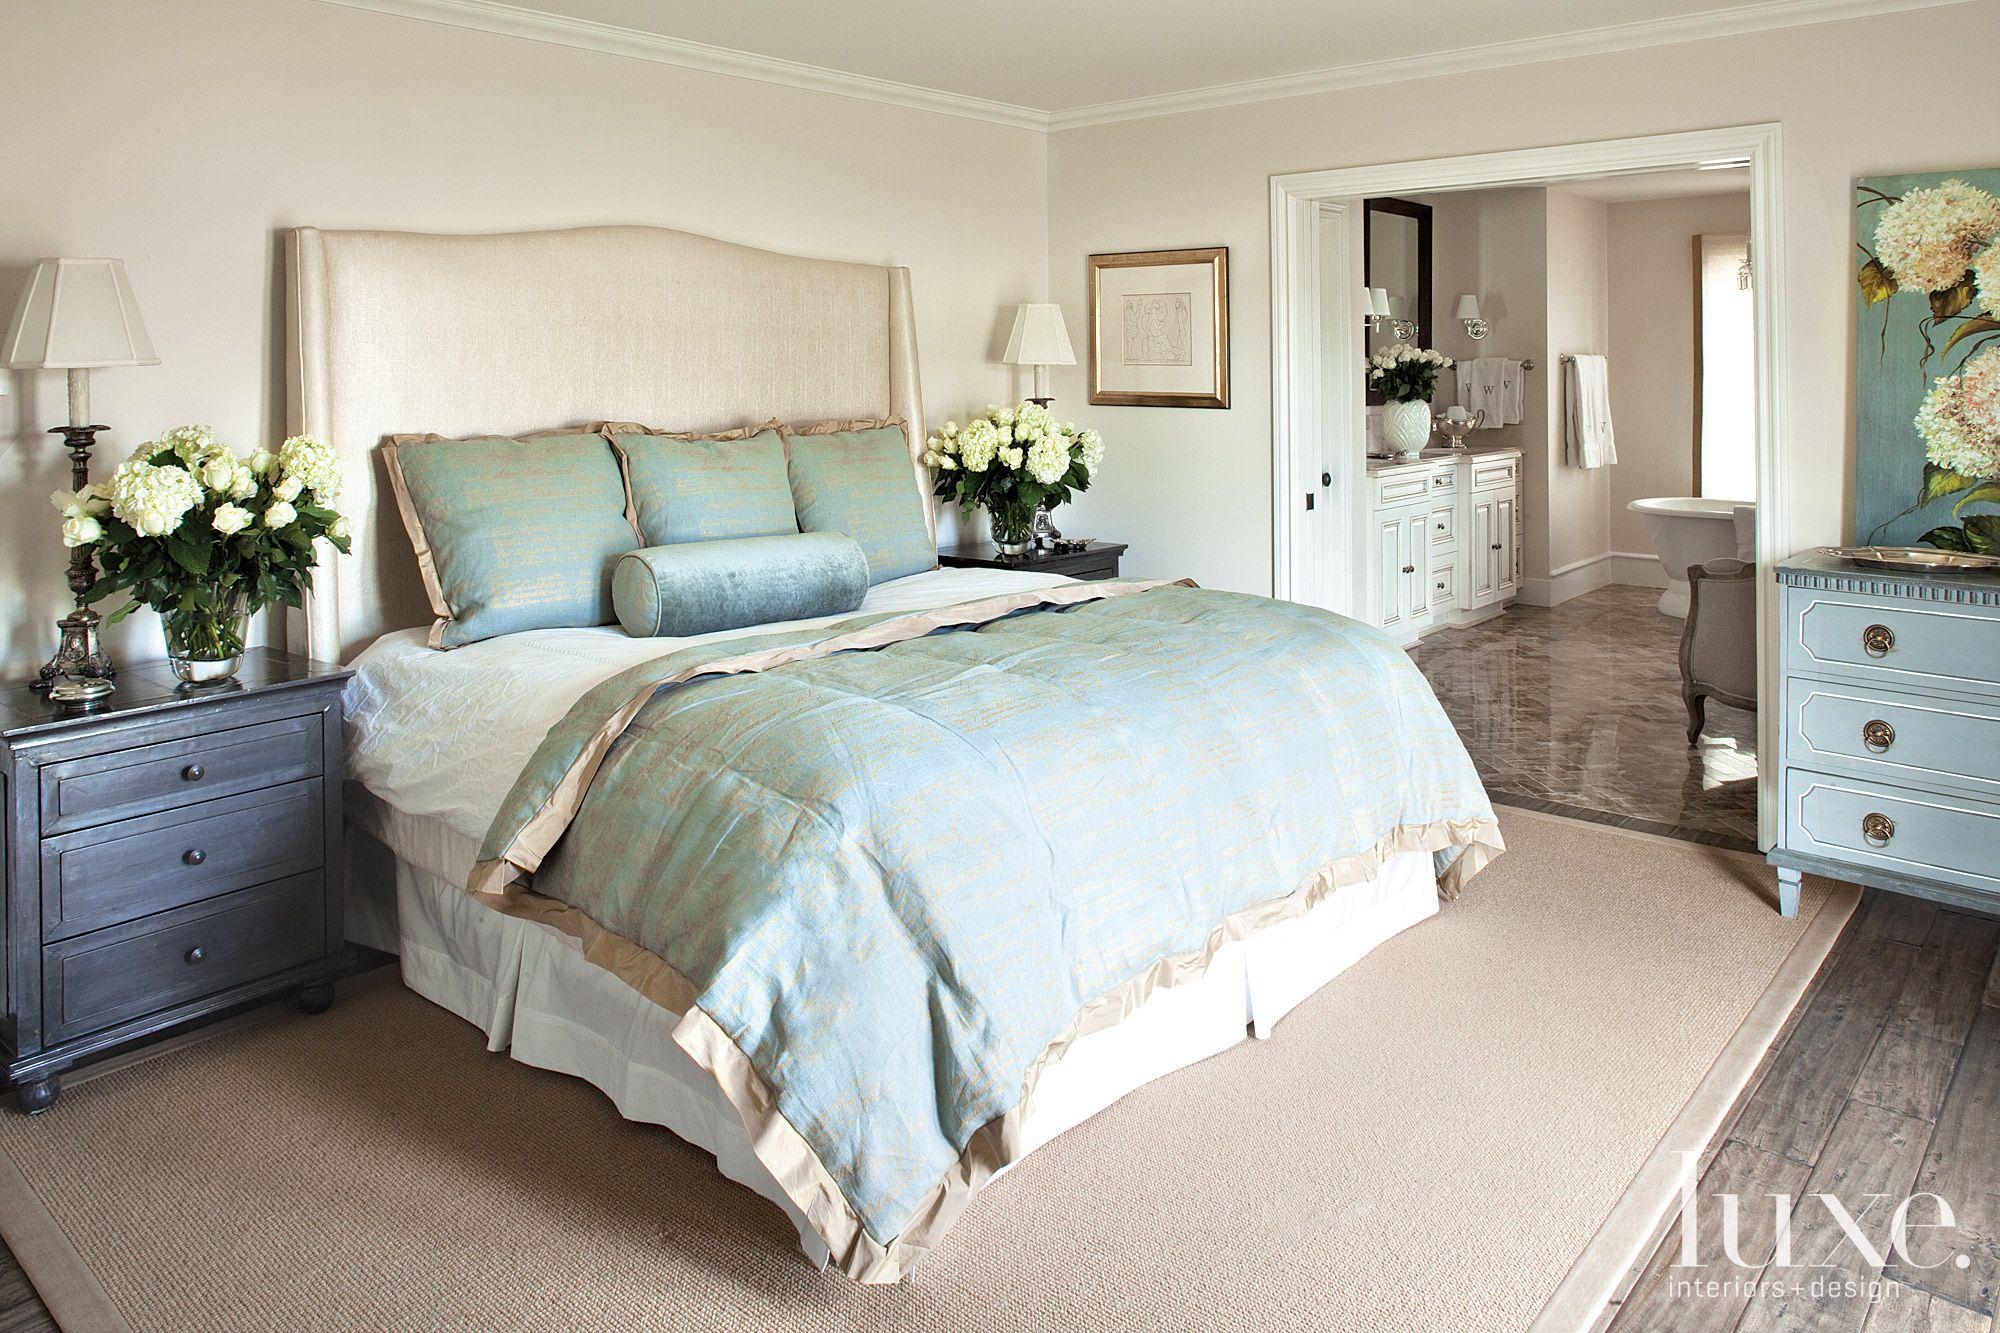 A Feminine Bedroom